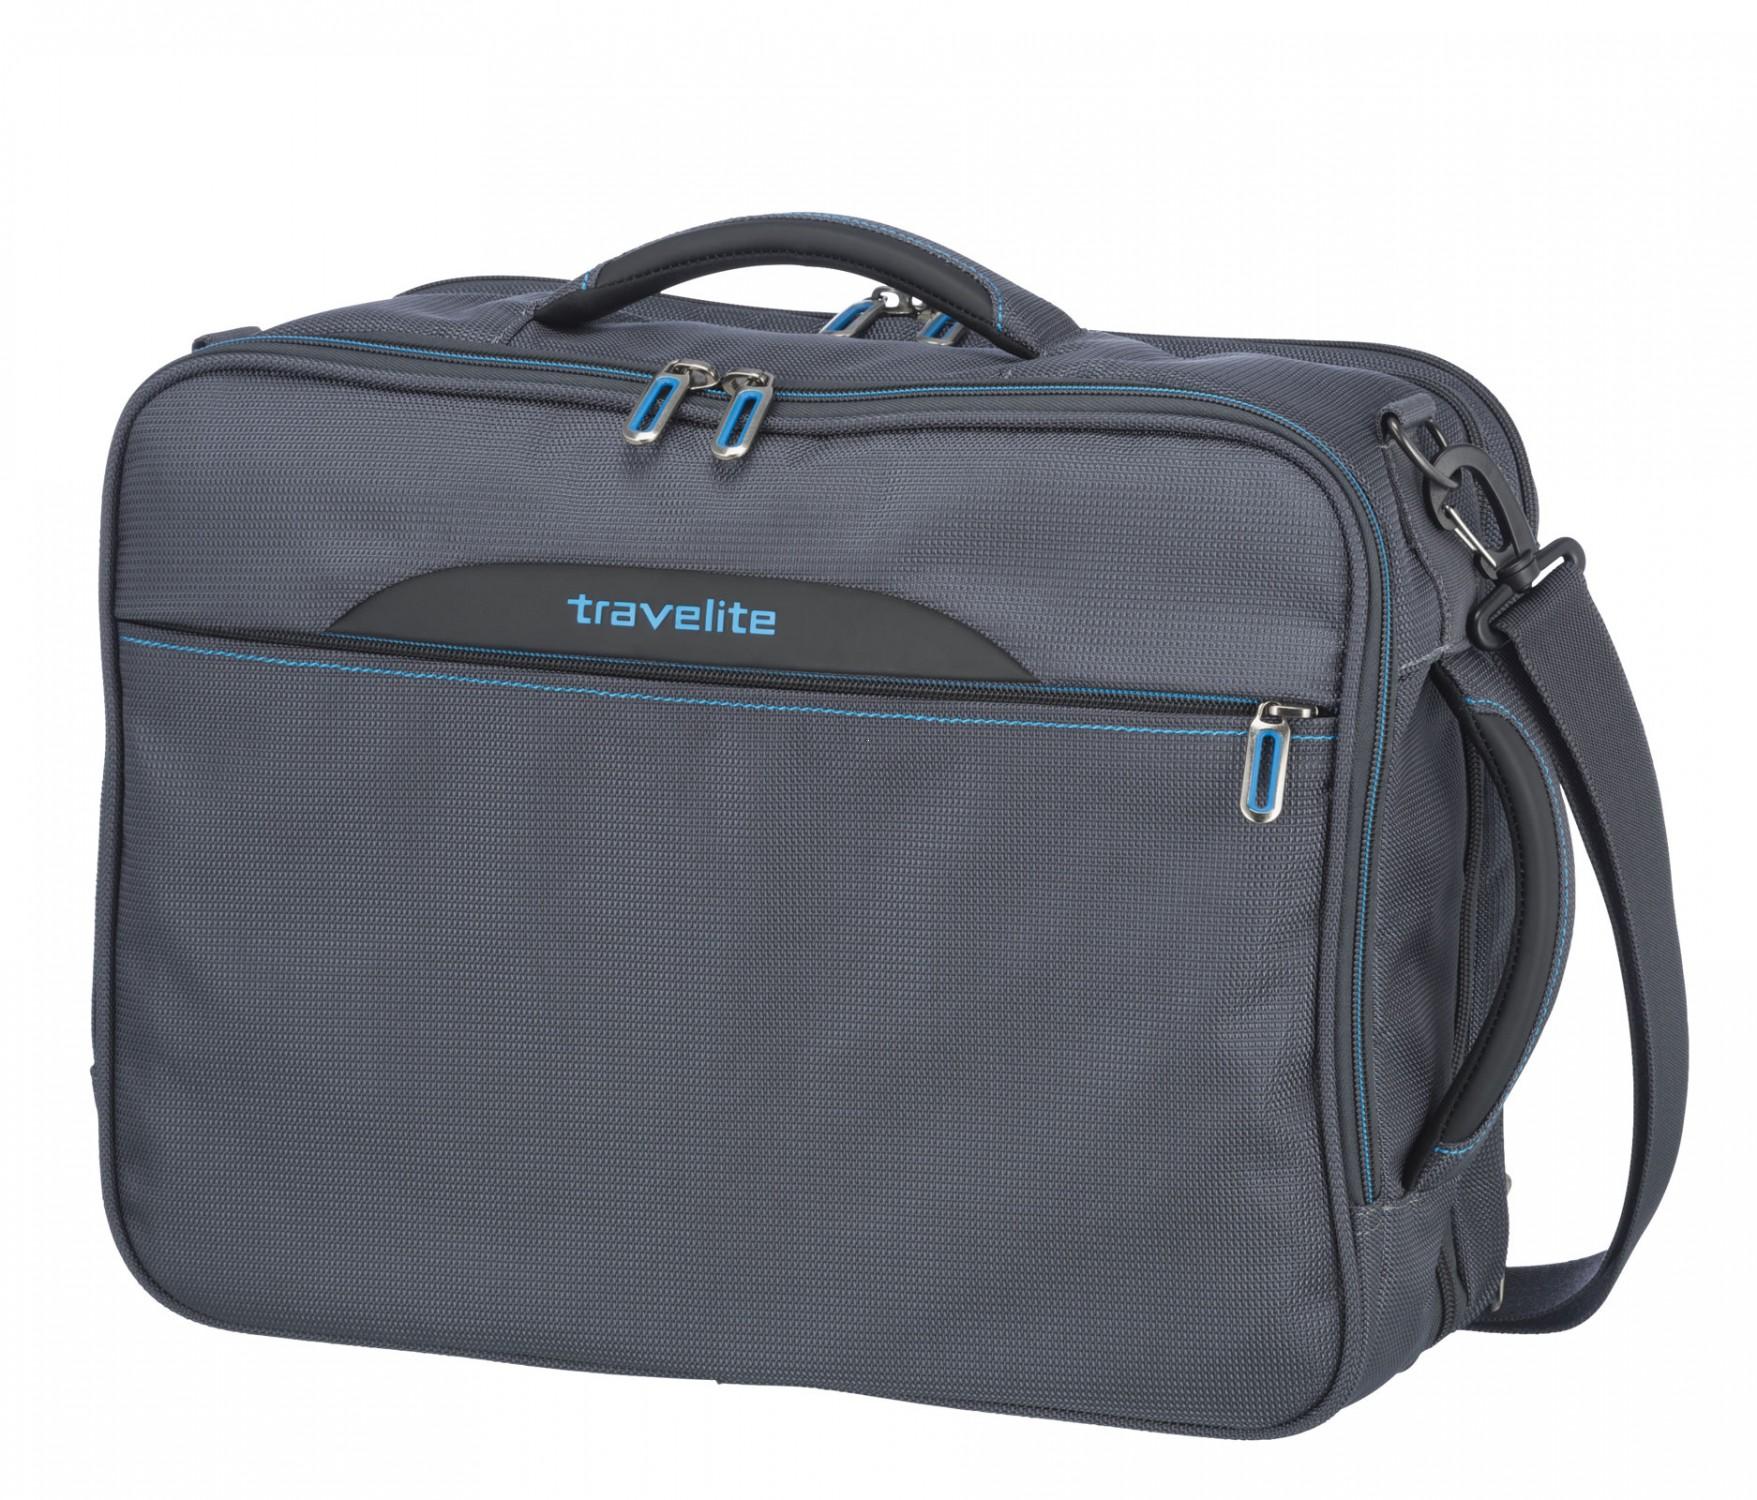 c4afed685b2cc ... Travelite CrossLITE Torba podręczna plecak antracytowa